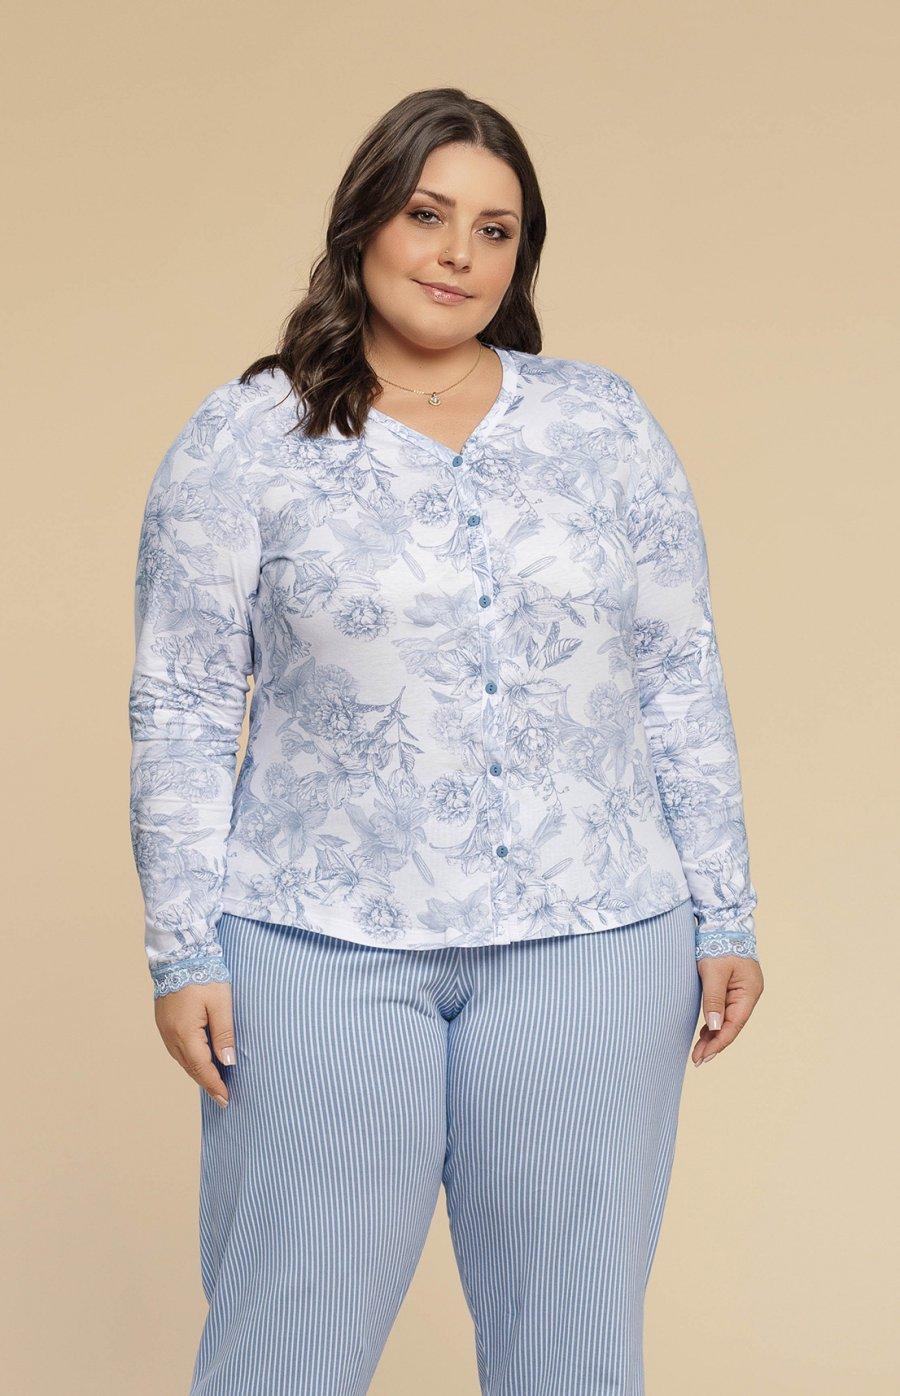 Pijama Plus Size 100% Algodão Botânica Inverno 2019 CLOUD CLUB